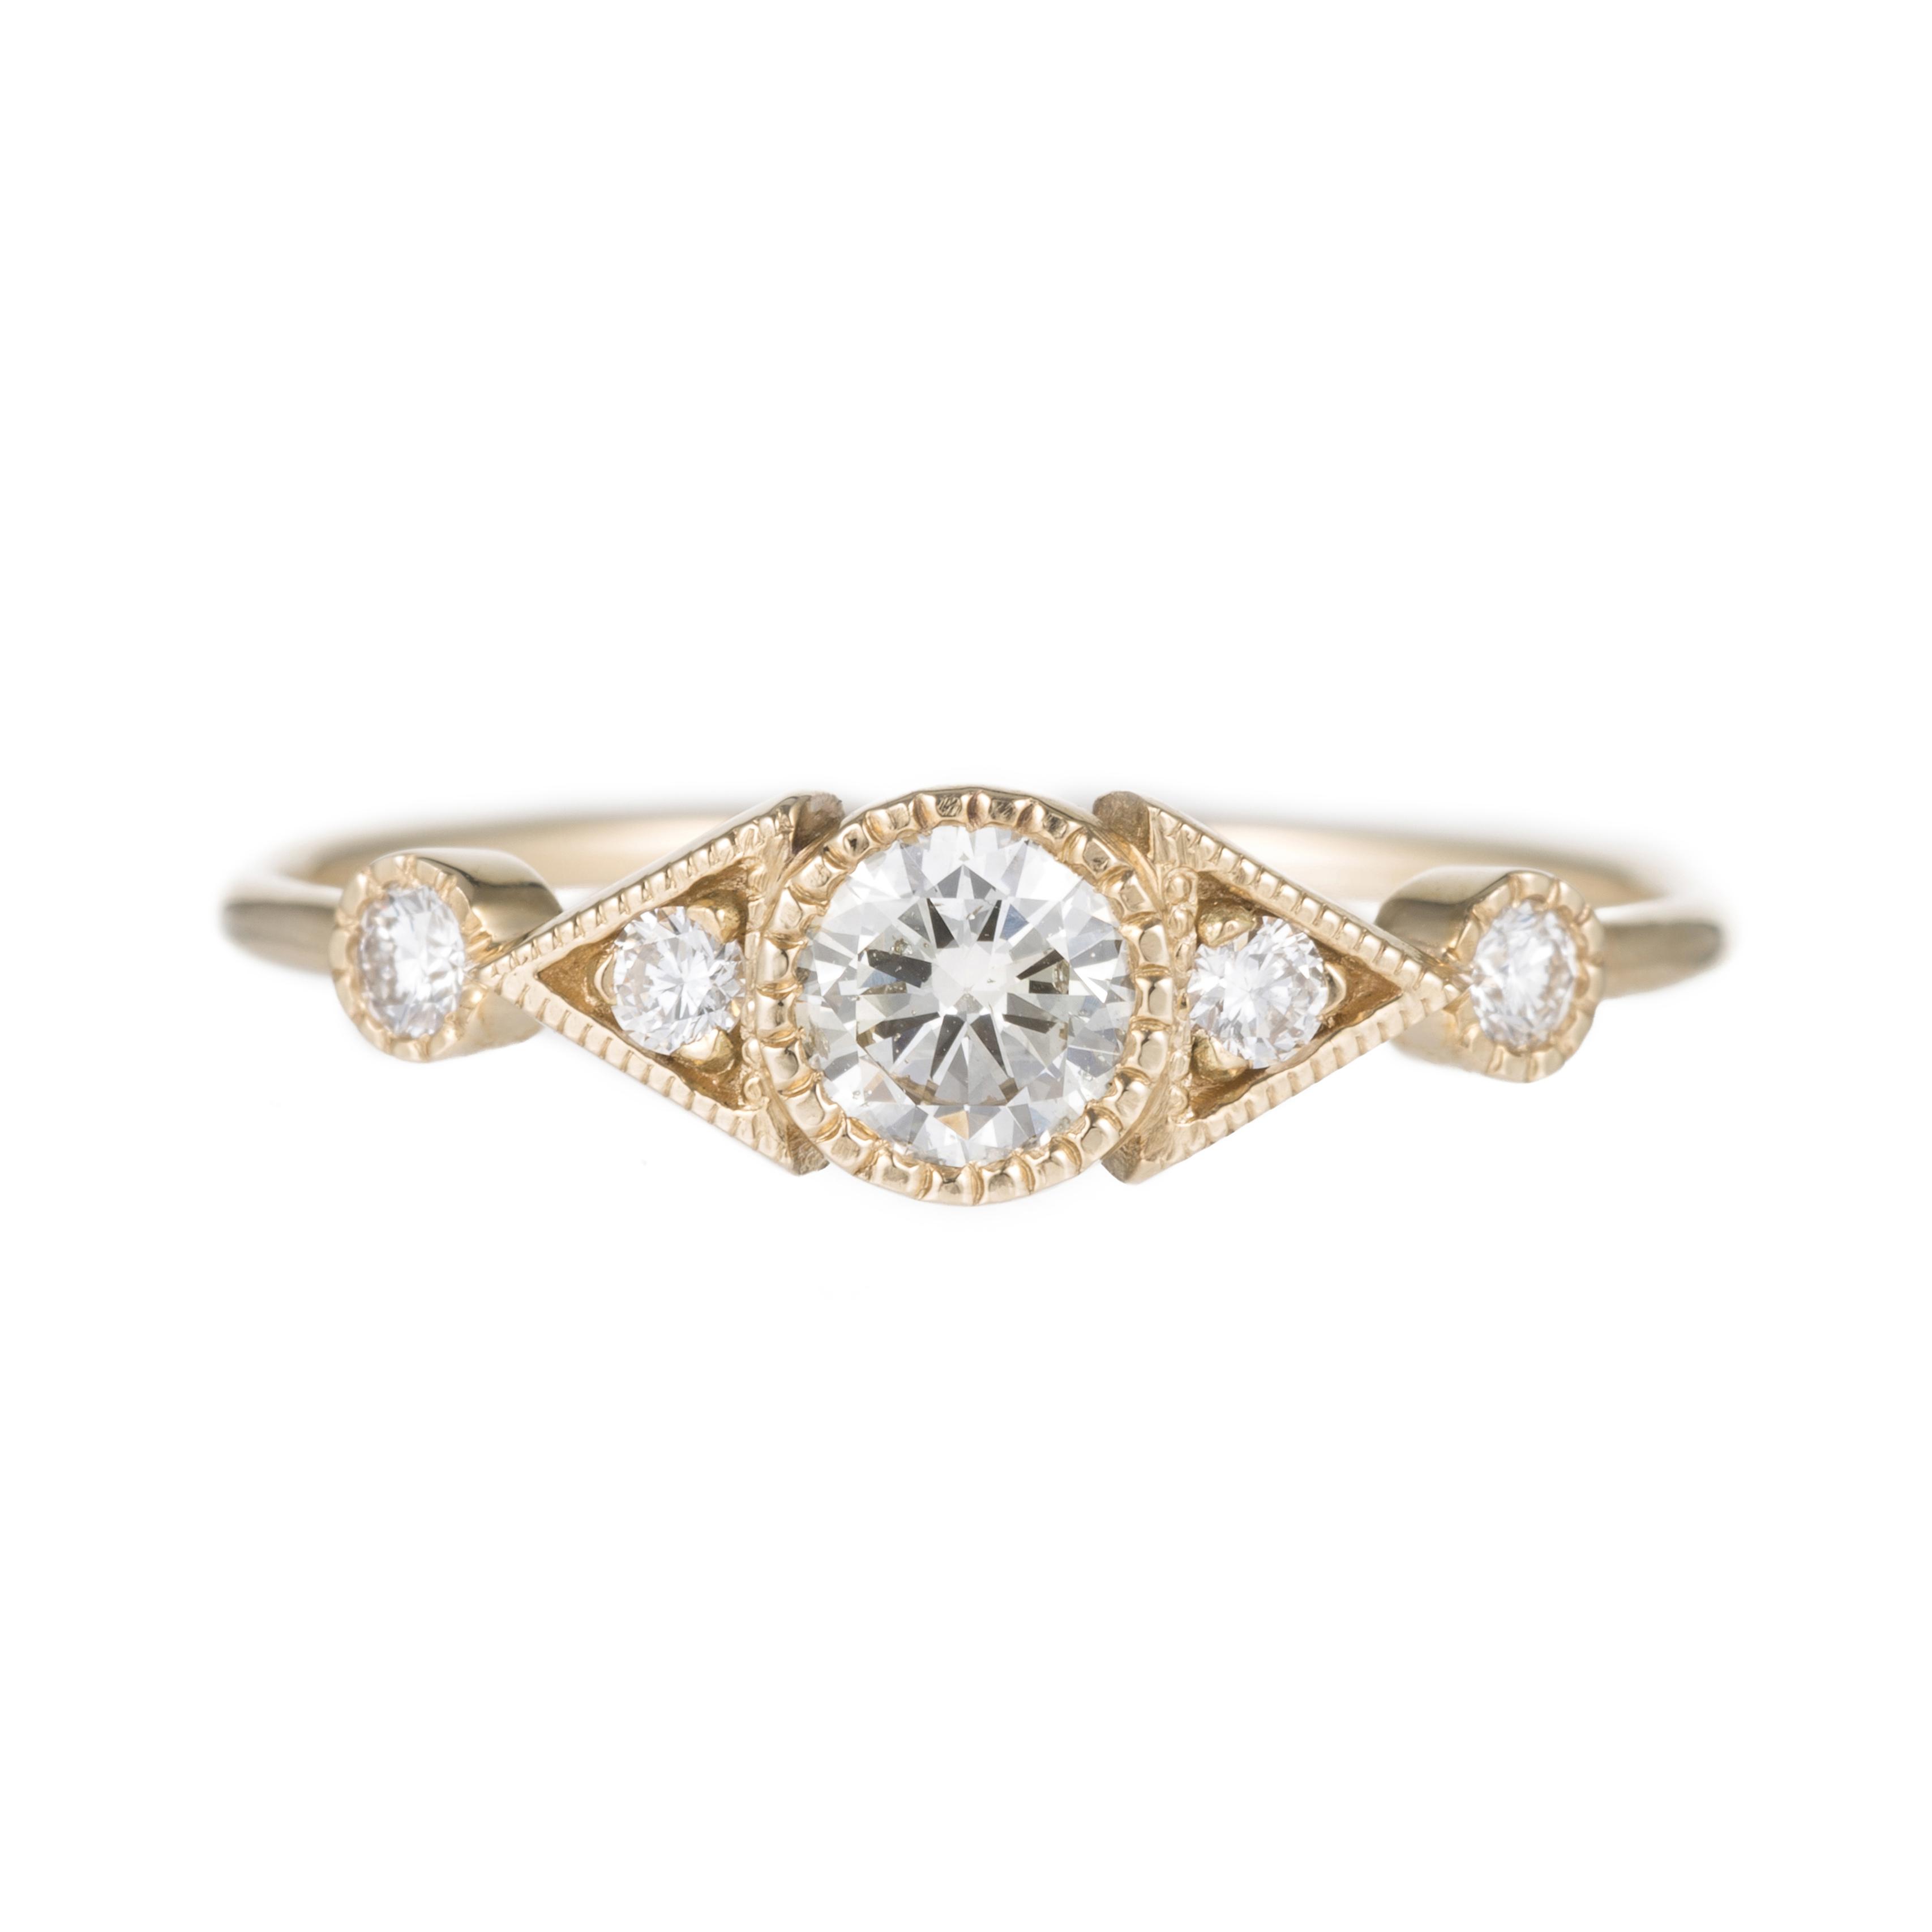 Fabulous Bague diamant art déco Jennie Kwon chez Hod - 10 bagues en diamant  HS53